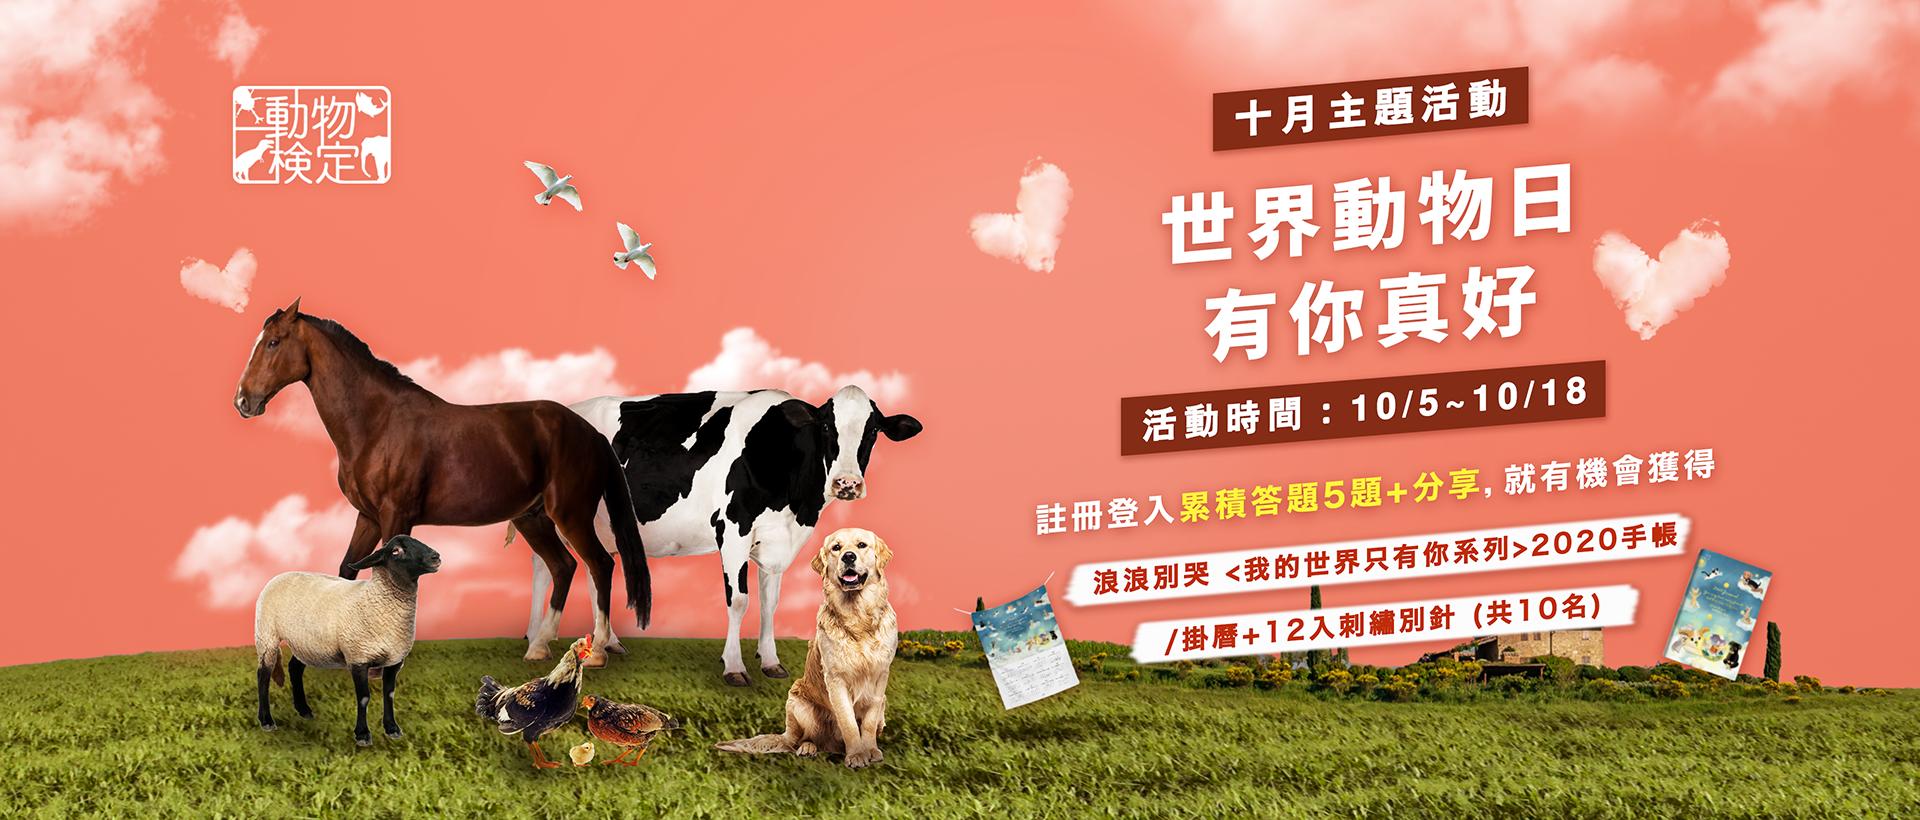 動物檢定十月主題活動-世界動物日